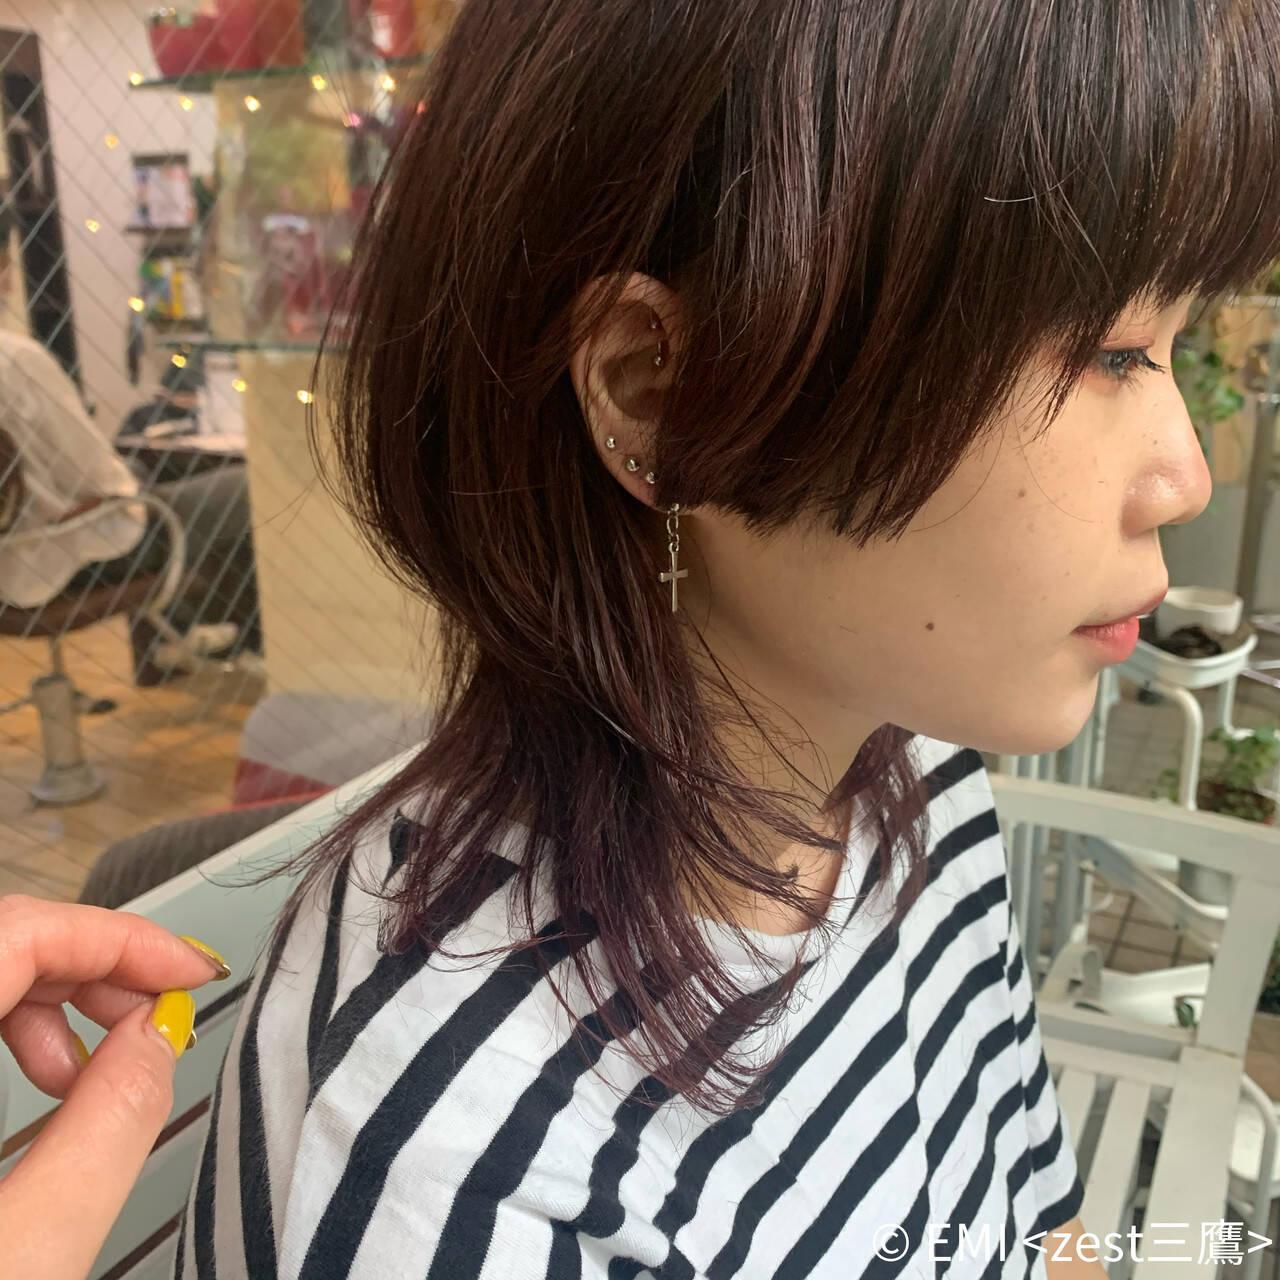 ミディアム ウルフレイヤー ウルフカット レイヤーカットヘアスタイルや髪型の写真・画像